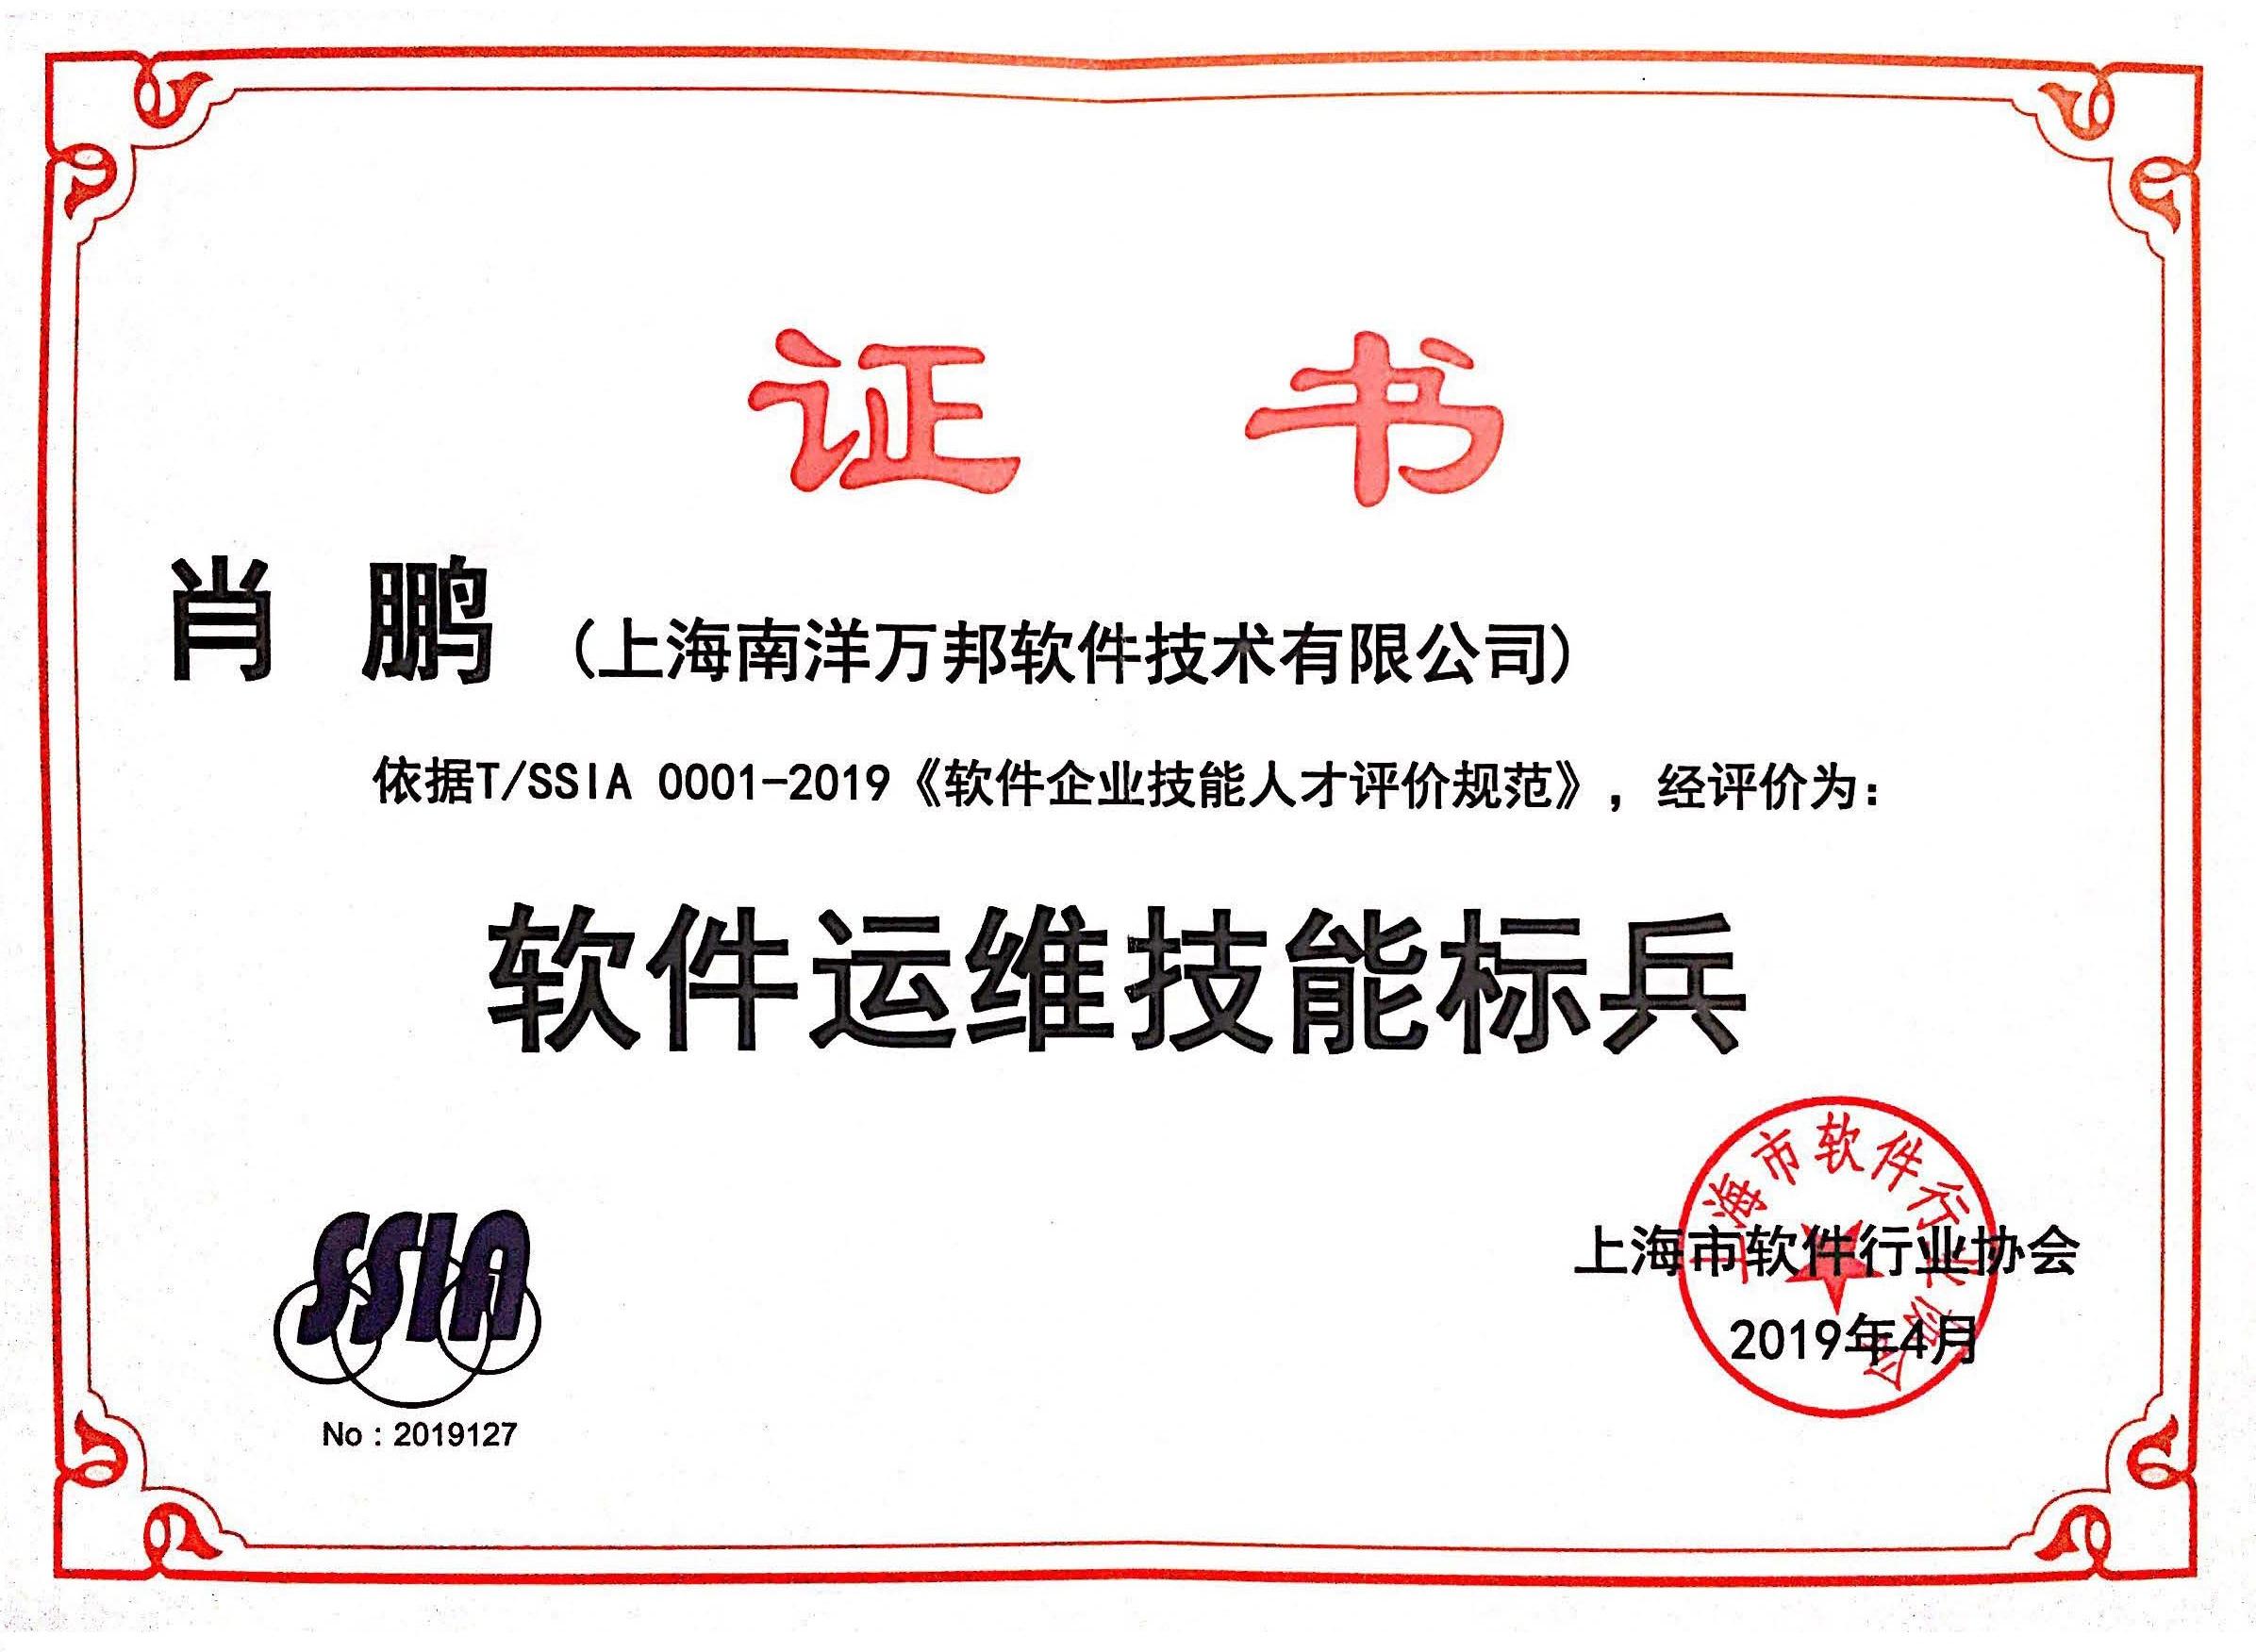 肖鵬——軟件運維技能標兵證書